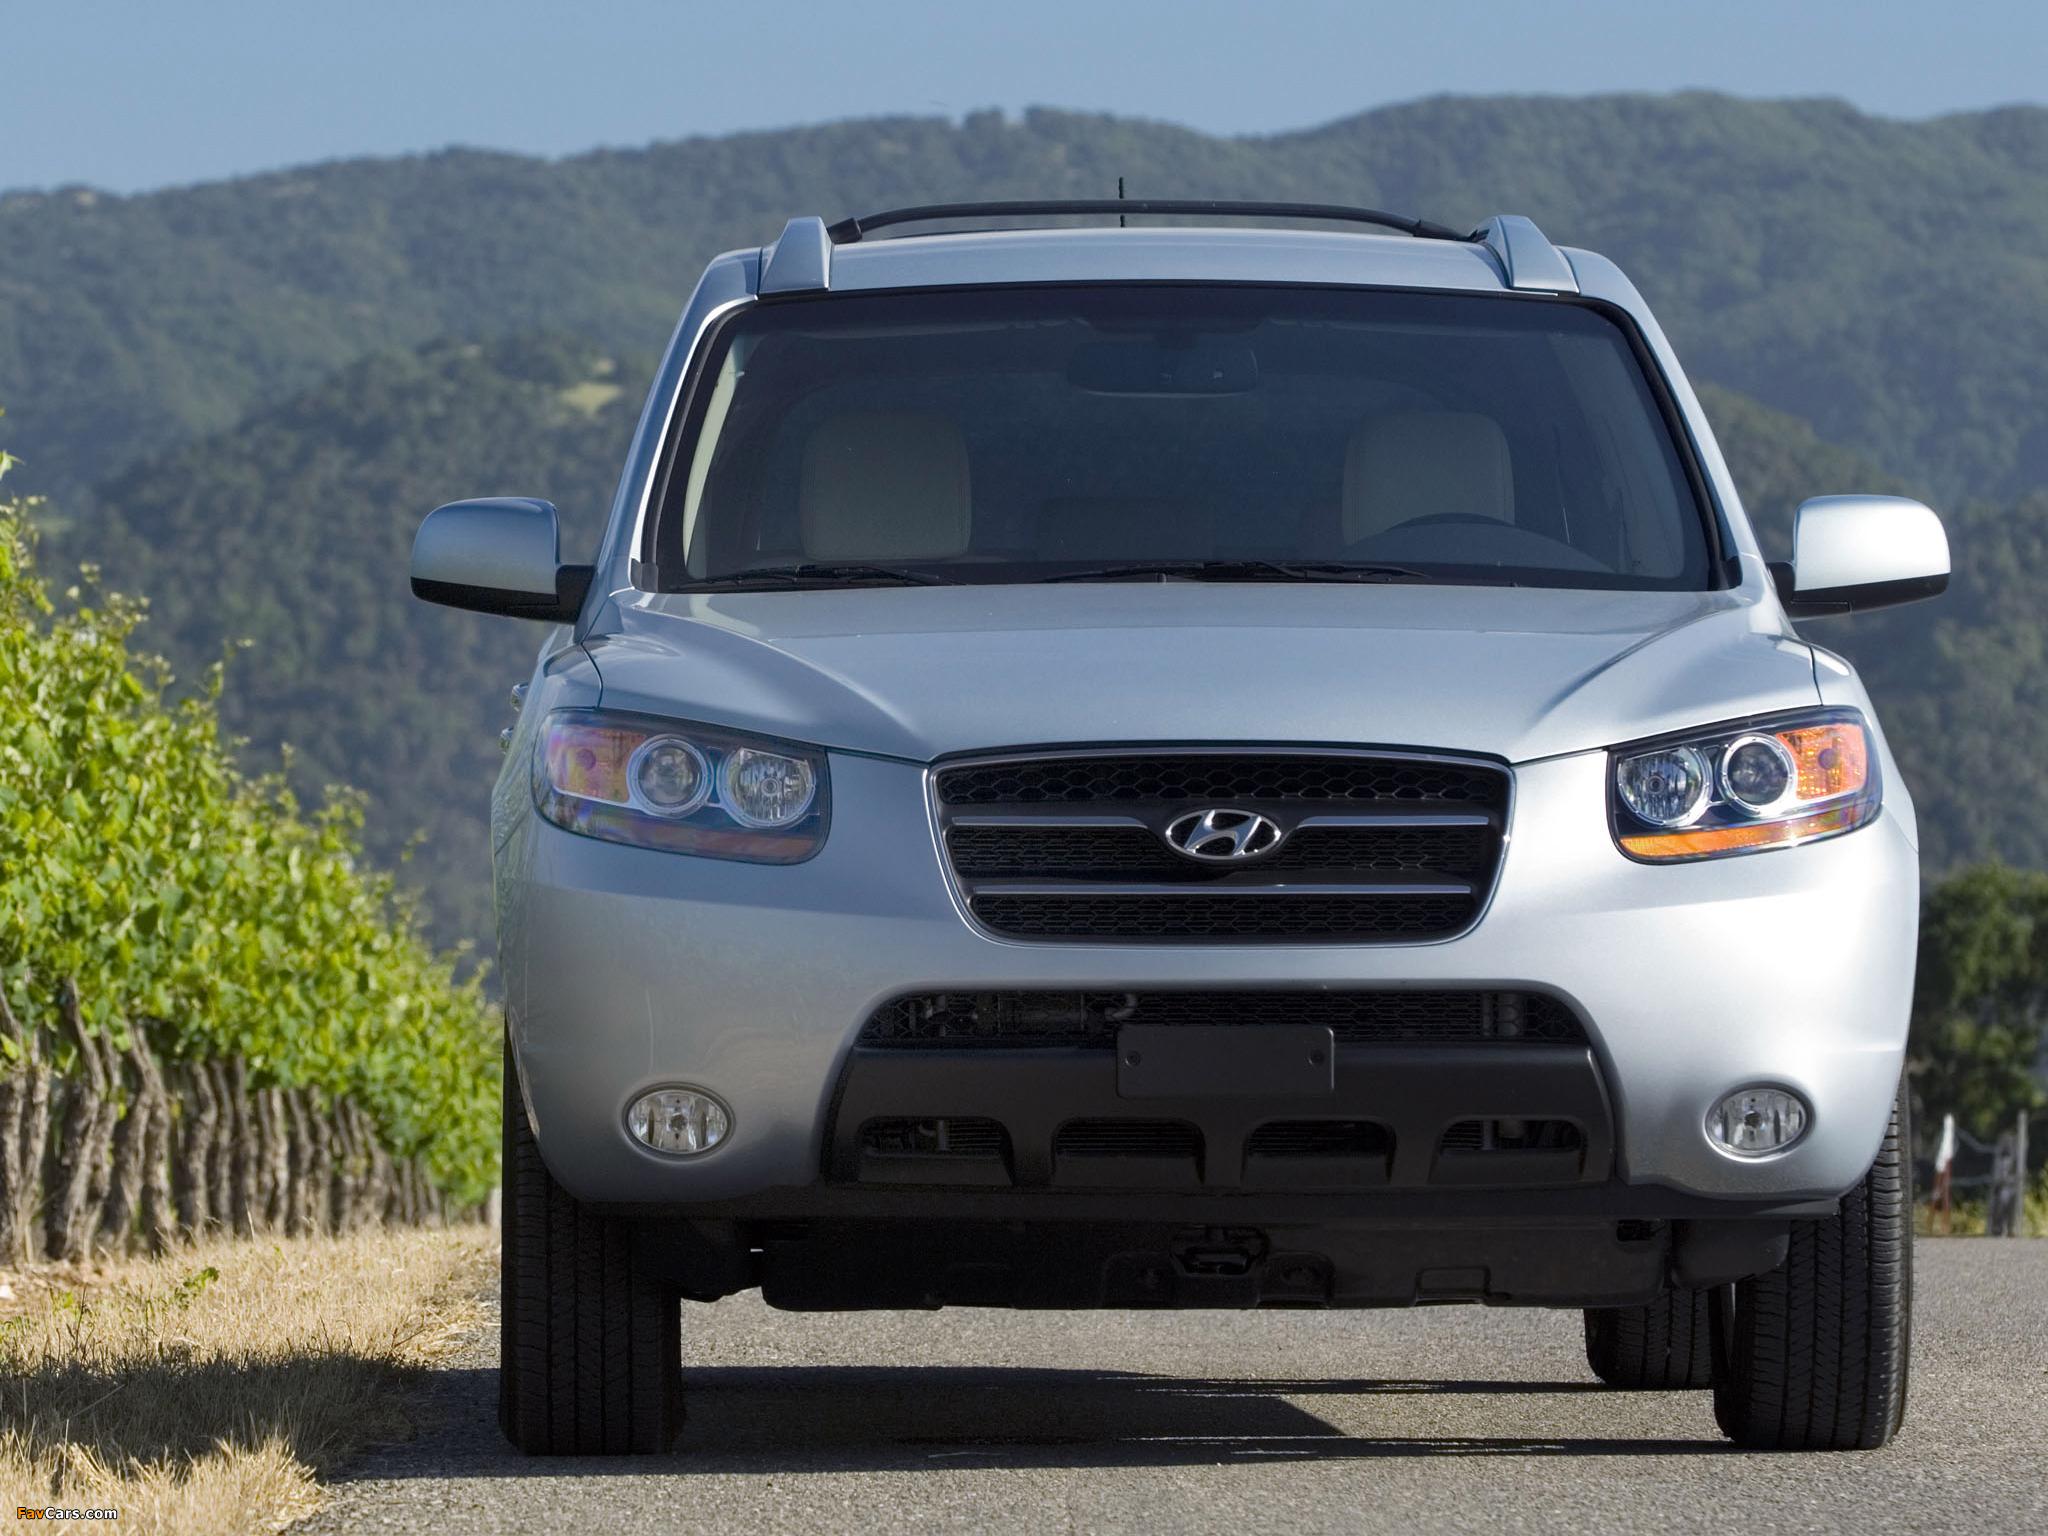 Чем рестайлинговая модель 2010 года отличается от старой Hyundai Santa Fe II?